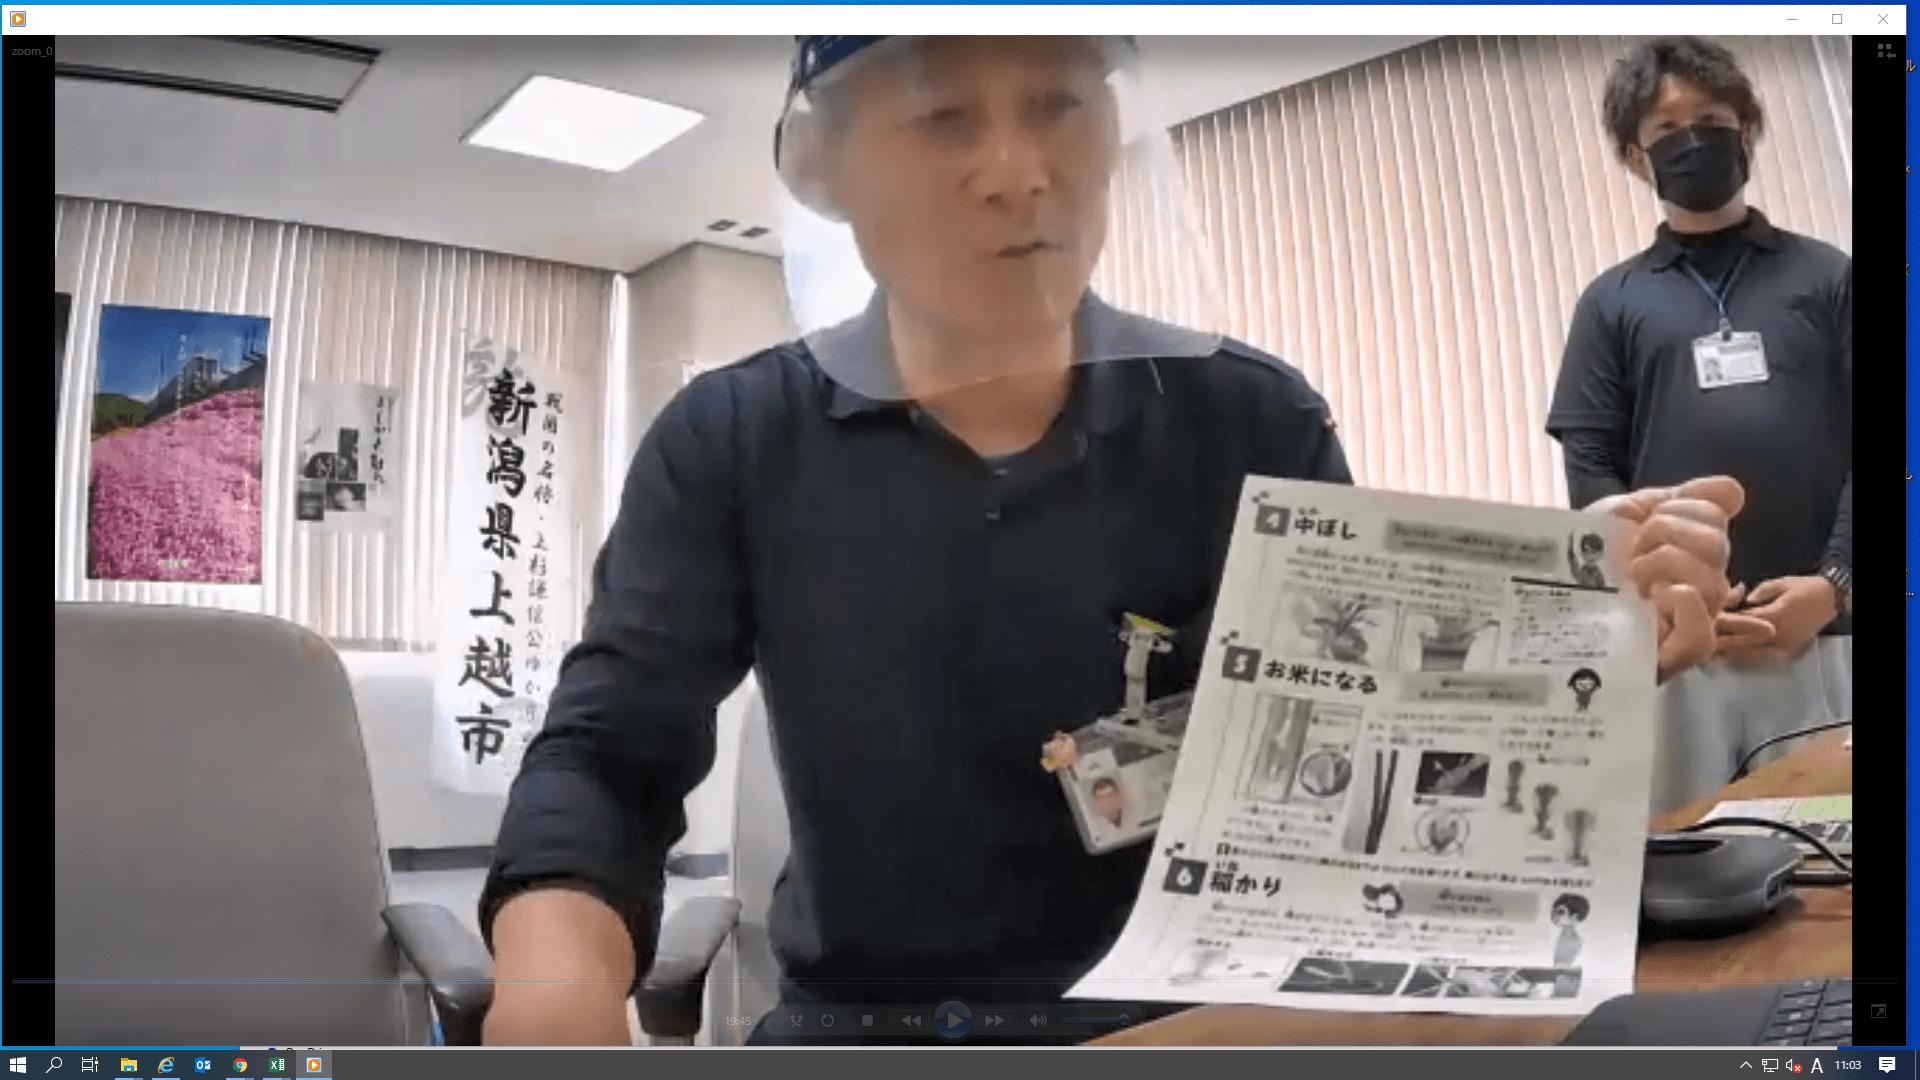 おうちで産地交流~オンラインで田植え?!東京で新潟県上越市こしひかりをつくってみよう!~を開催しました